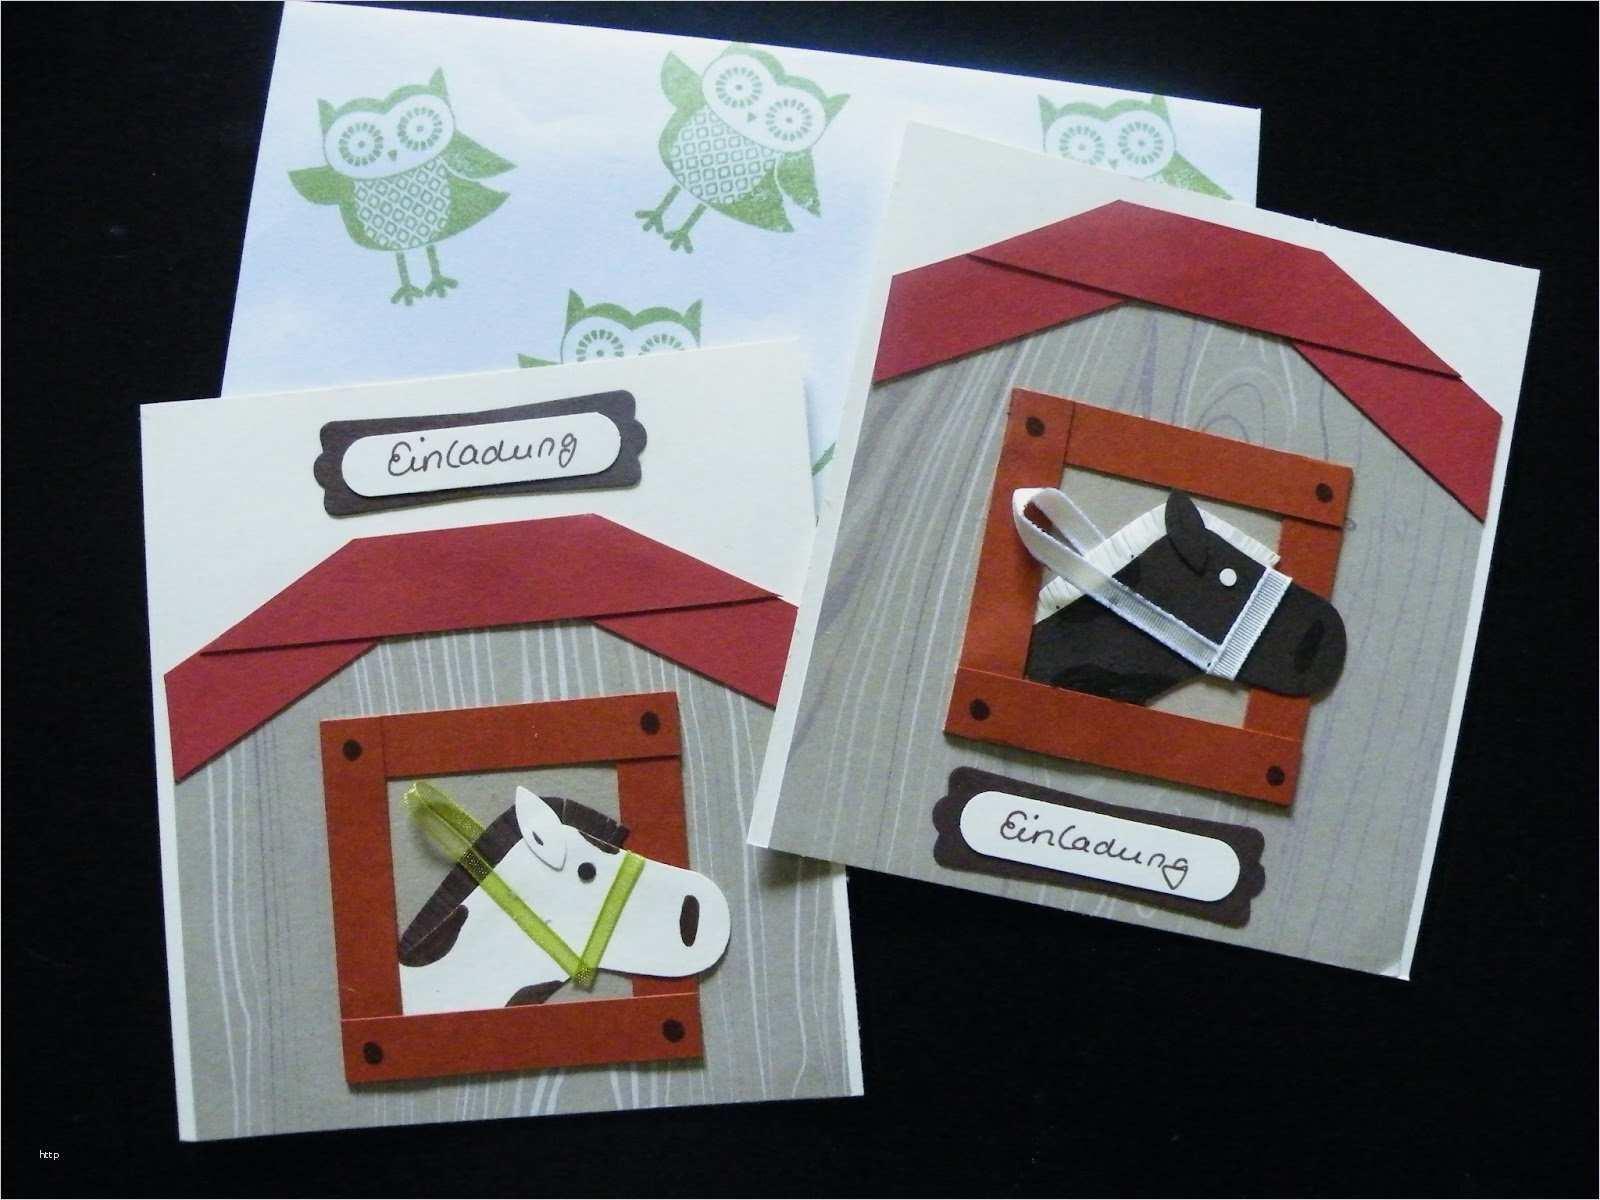 Hubsch Einladung Kindergeburtstag Bauernhof Vorlage Galerie In 2020 Einladung Kindergeburtstag Karten Kinder Kindergeburtstag Bauernhof